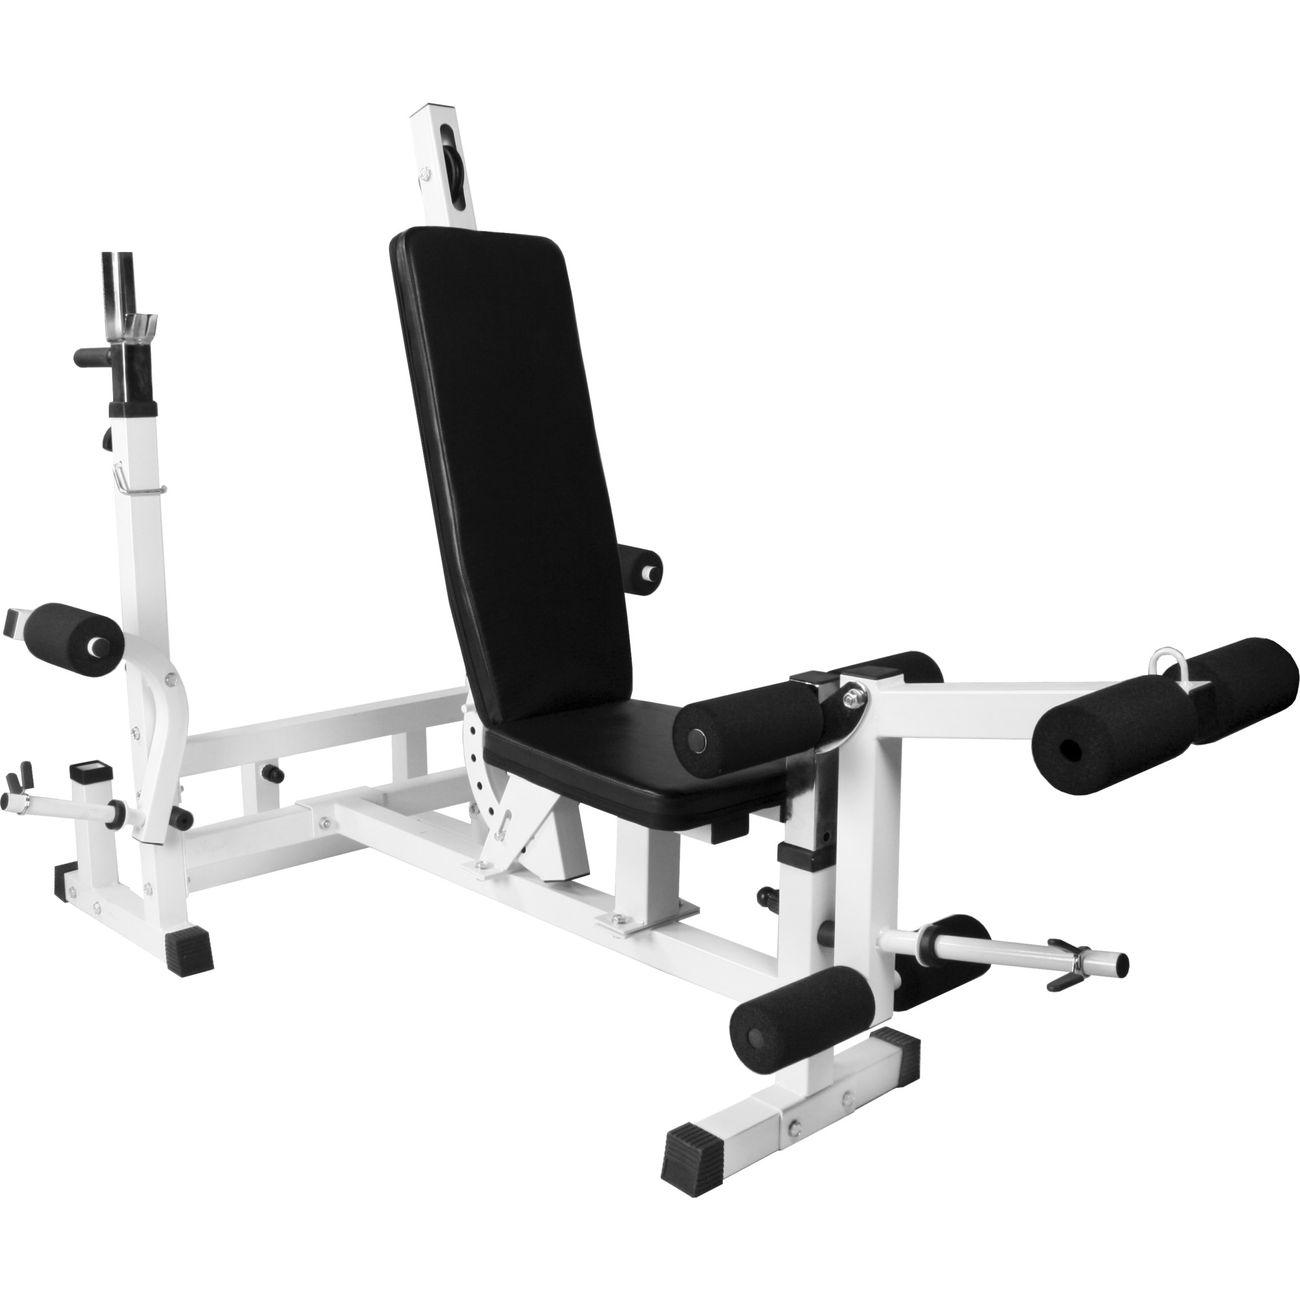 banc de musculation universel avec support pour haltere